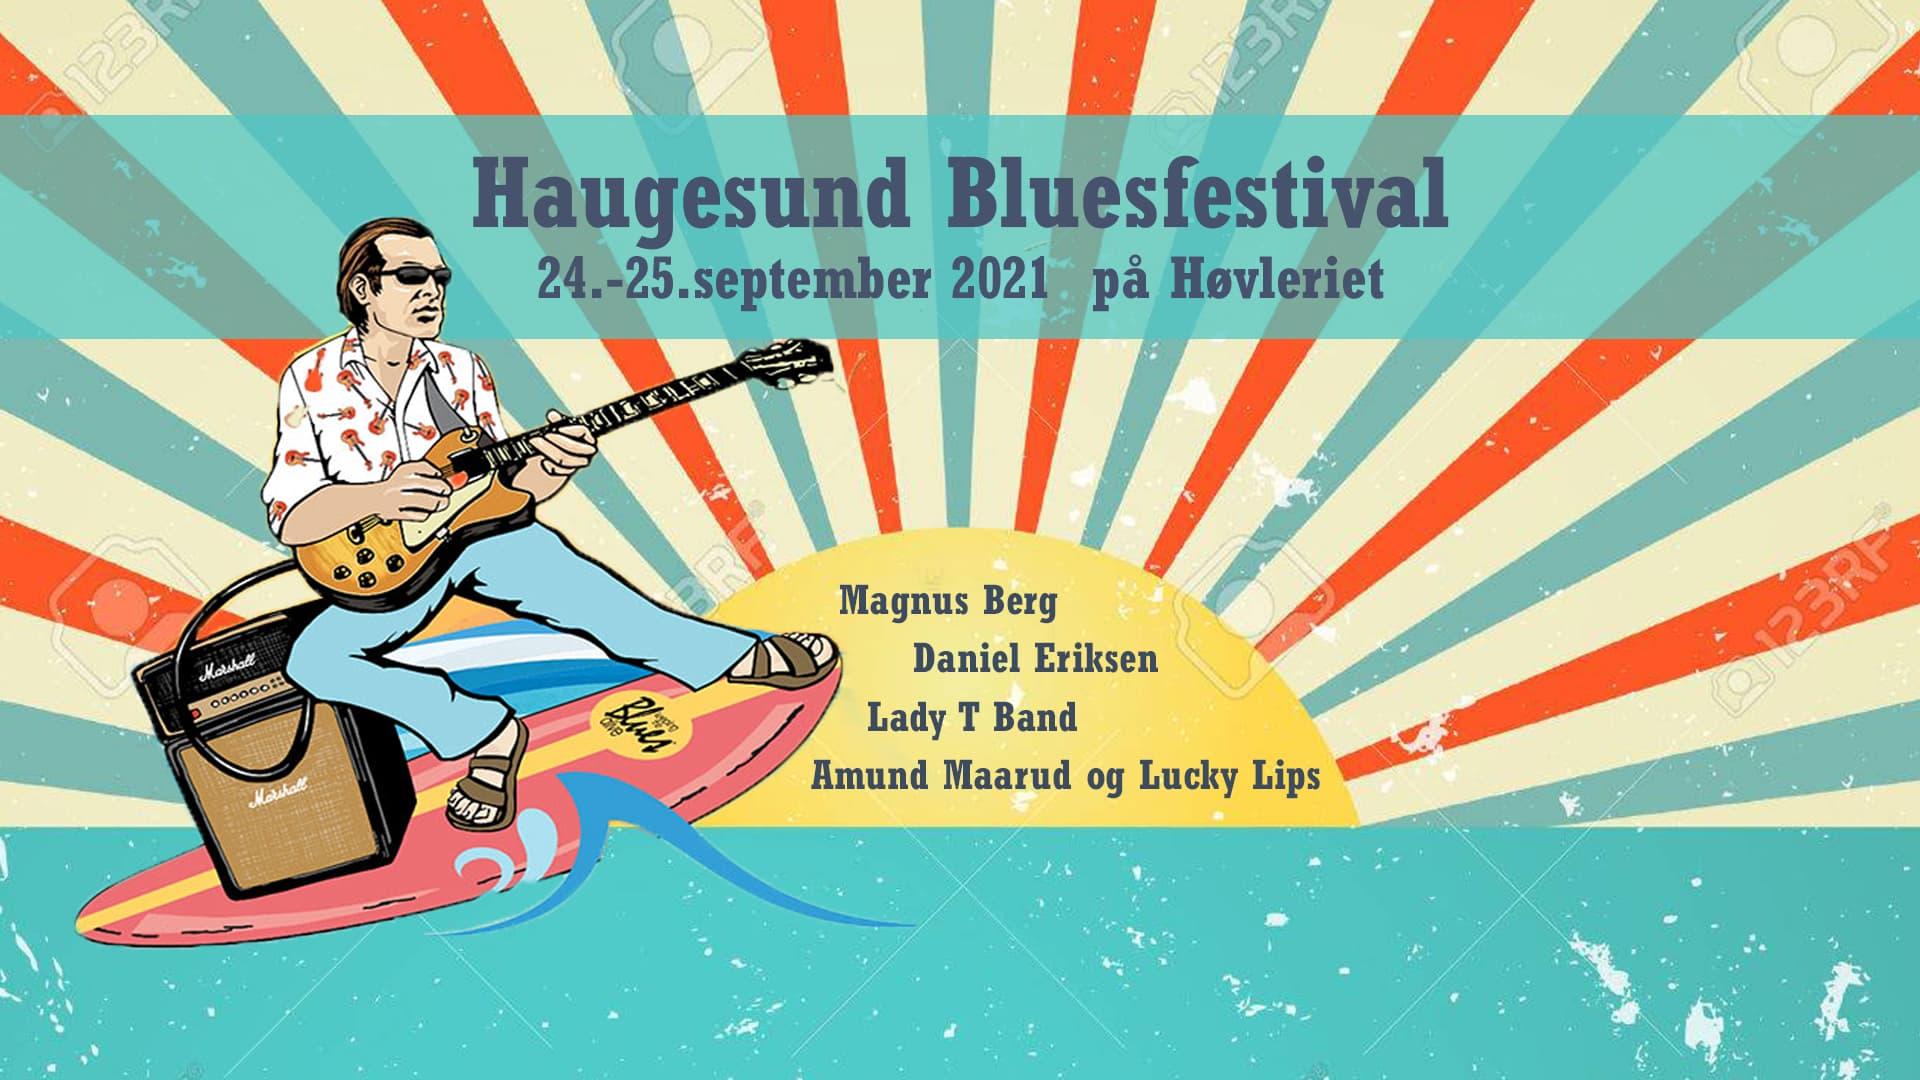 Frontimage of Haugesund Bluesfest 2021